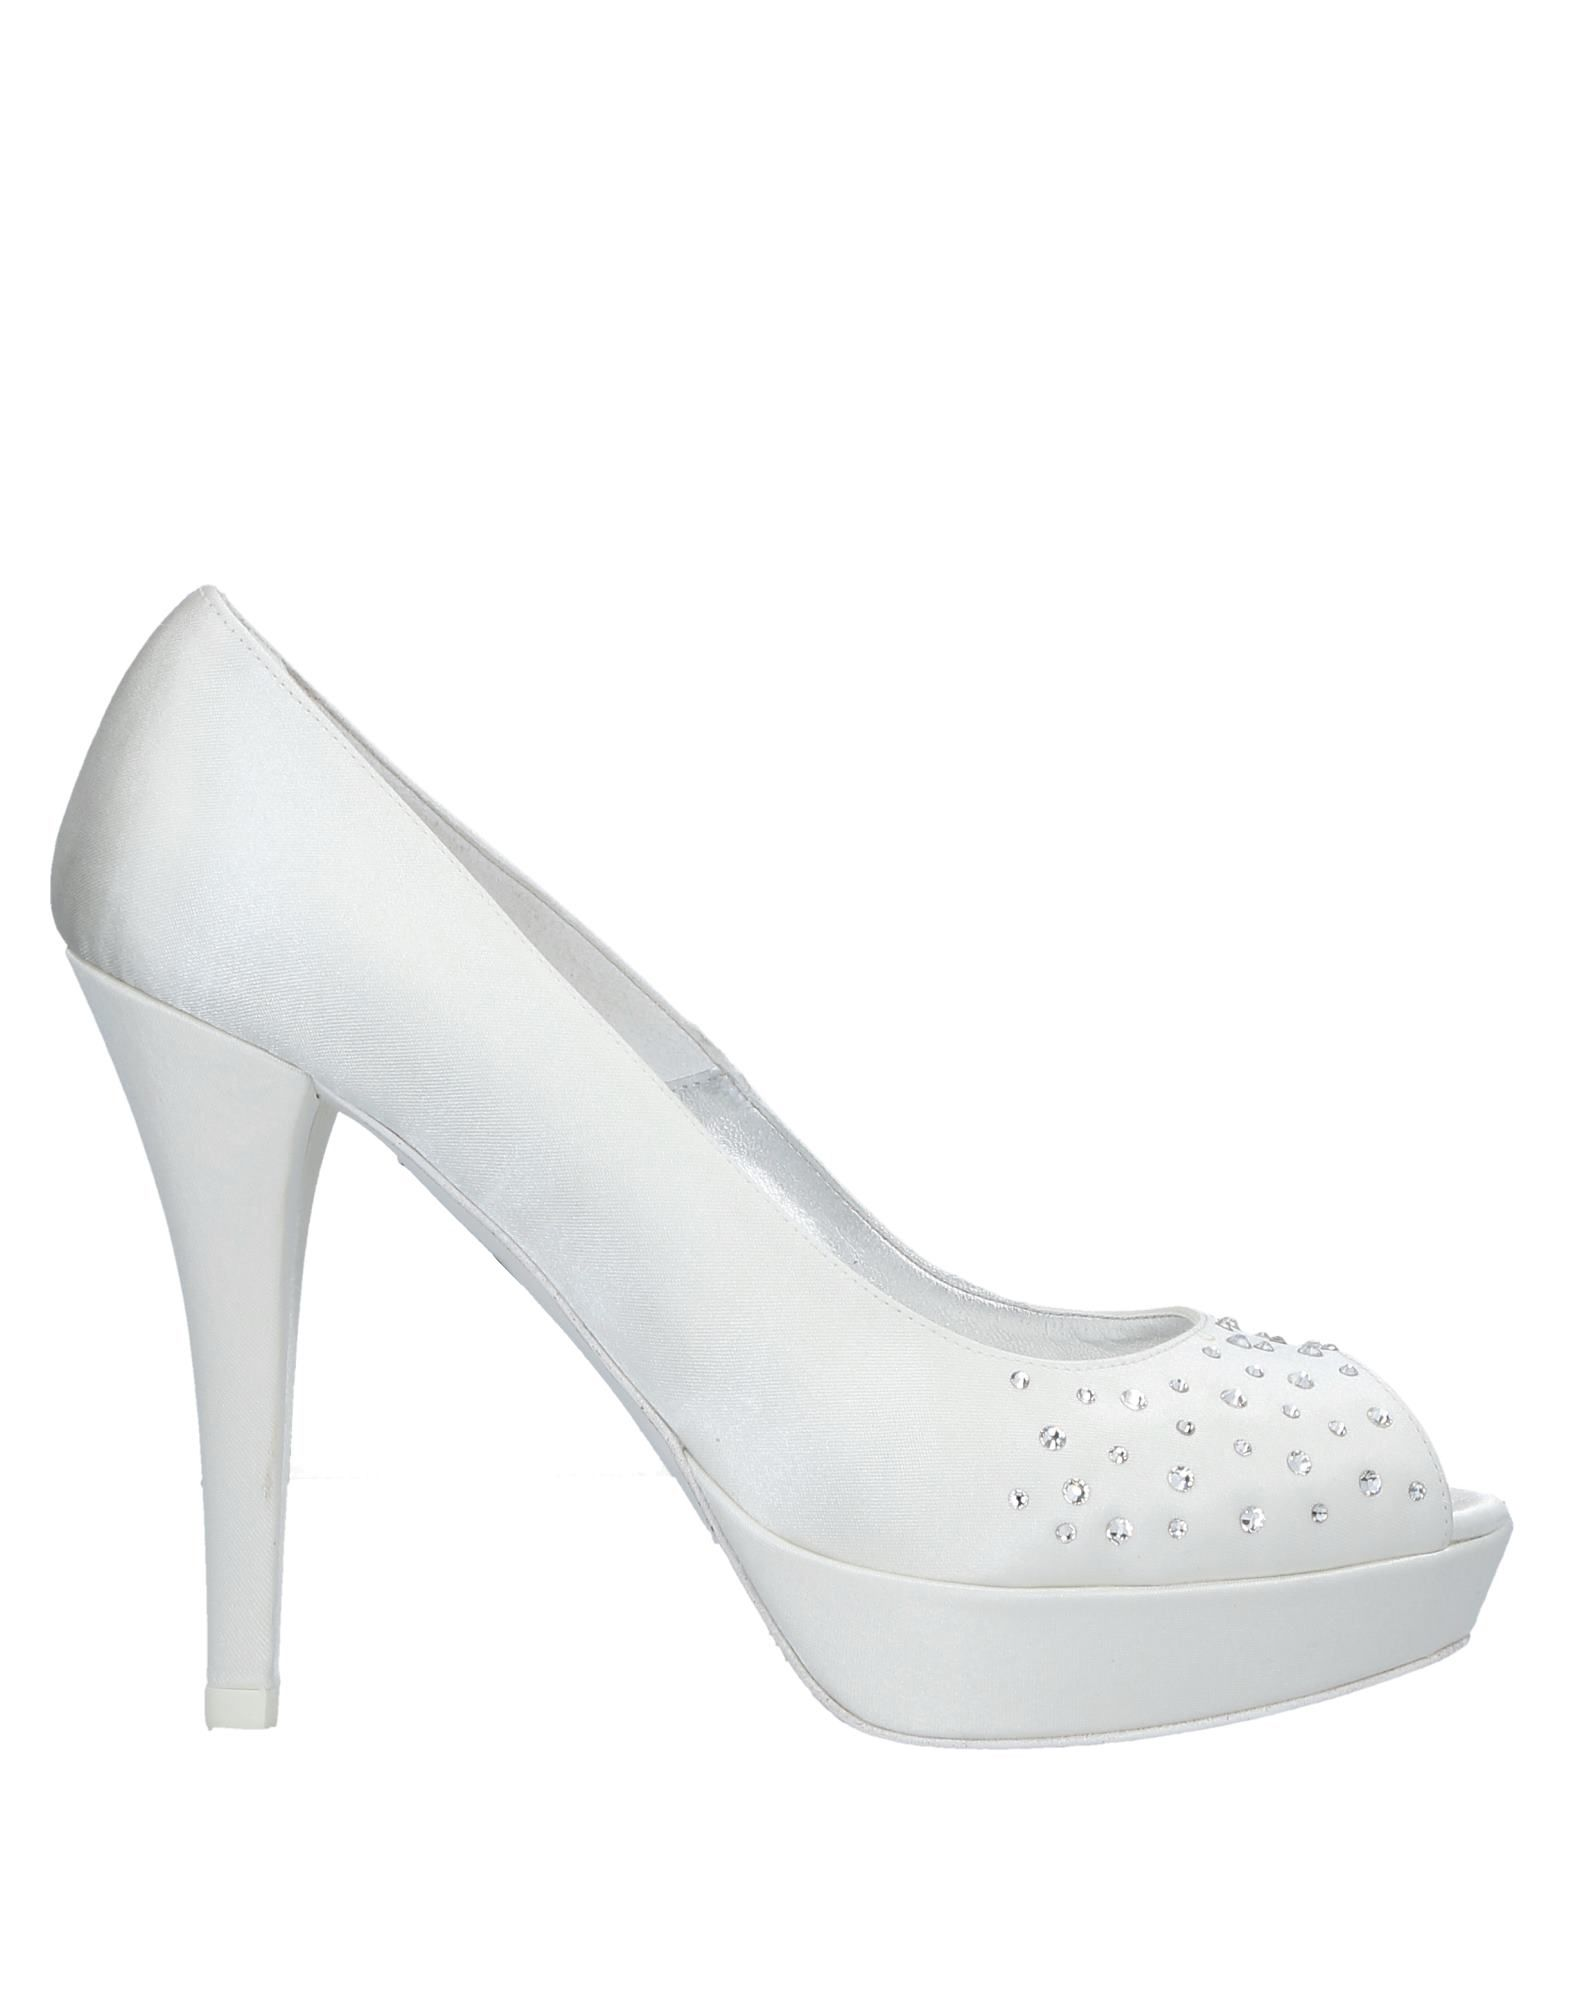 Venta de liquidación de temporada Zapato De By Salón Thulle® By De Melluso Mujer - Salones Thulle® By Melluso  Blanco 502937